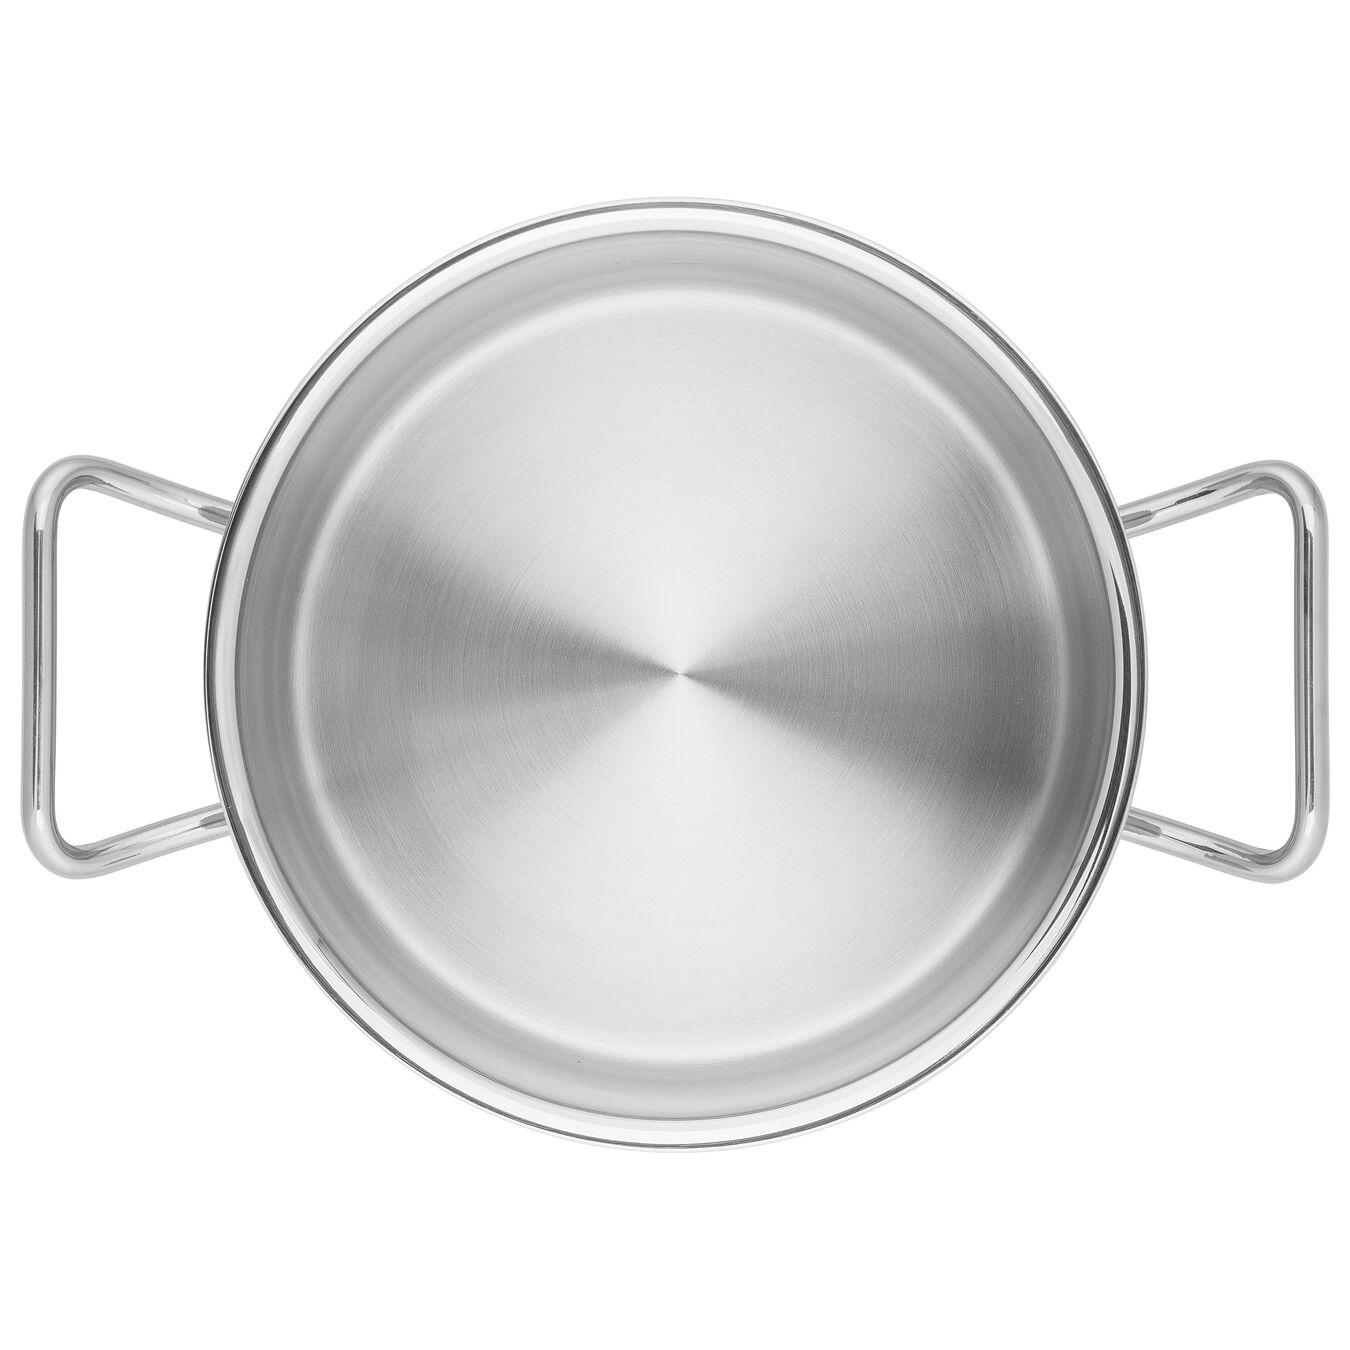 Derin Tencere   18/10 Paslanmaz Çelik   16 cm,,large 6